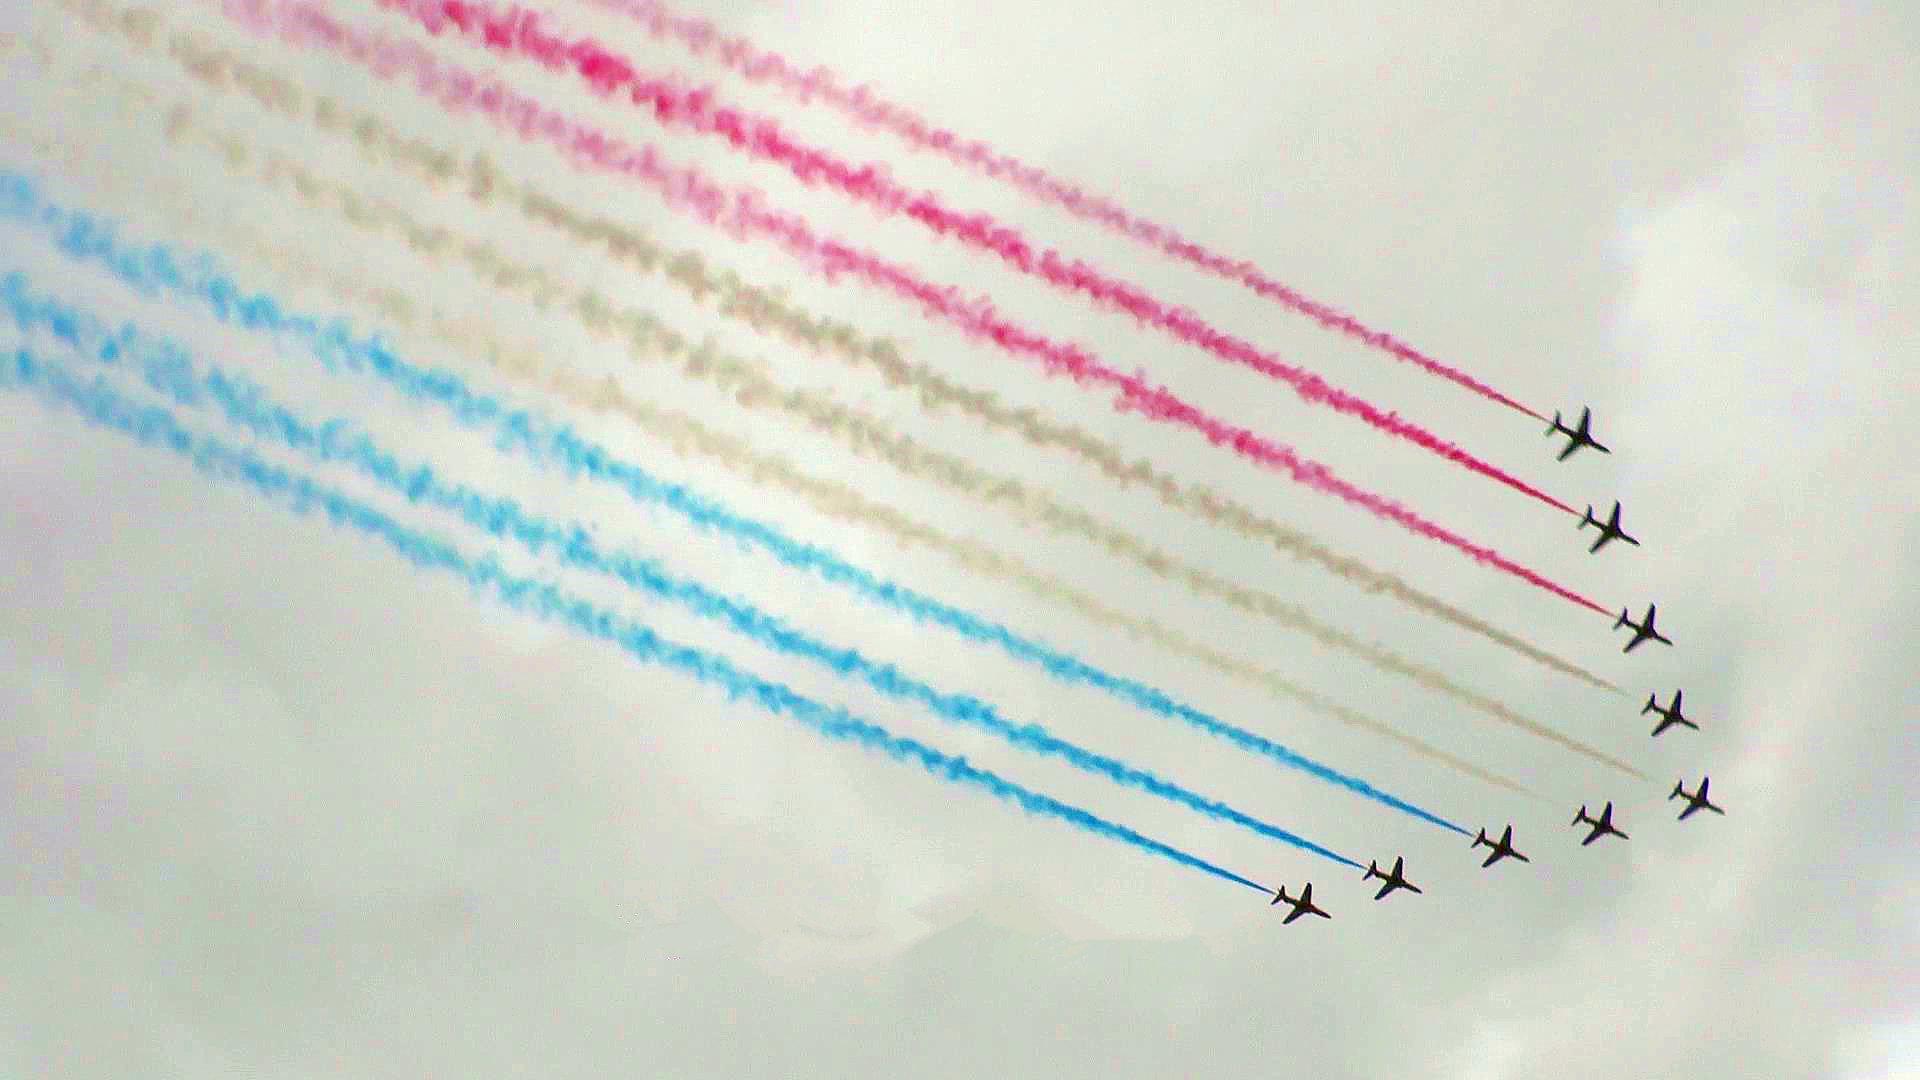 庆祝英国皇家空军成立100周年 百架飞机穿过伦敦上空